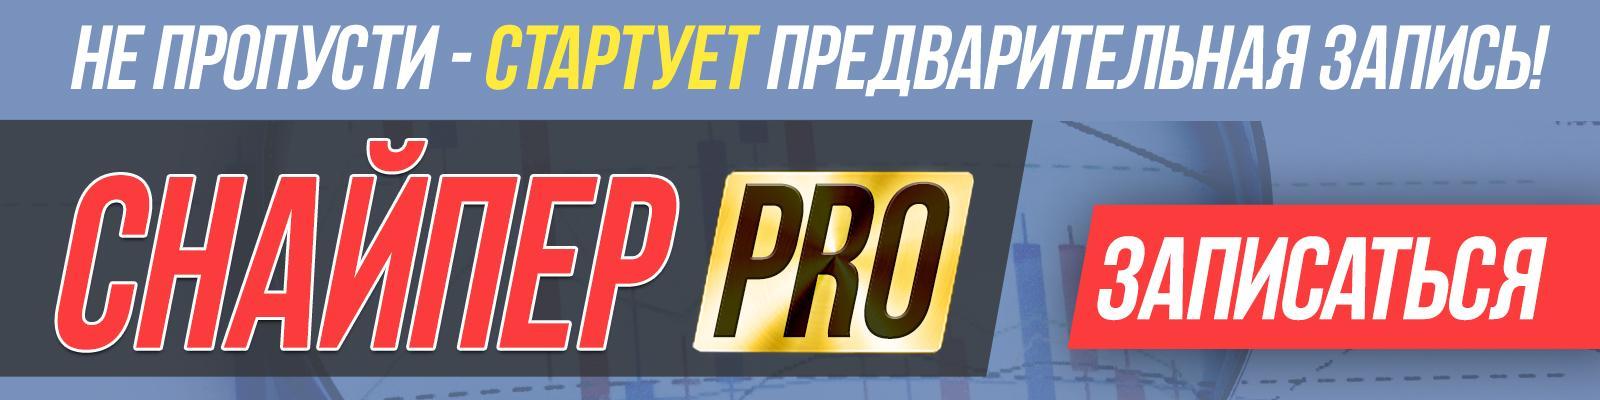 mobile  Снайпер ПРО